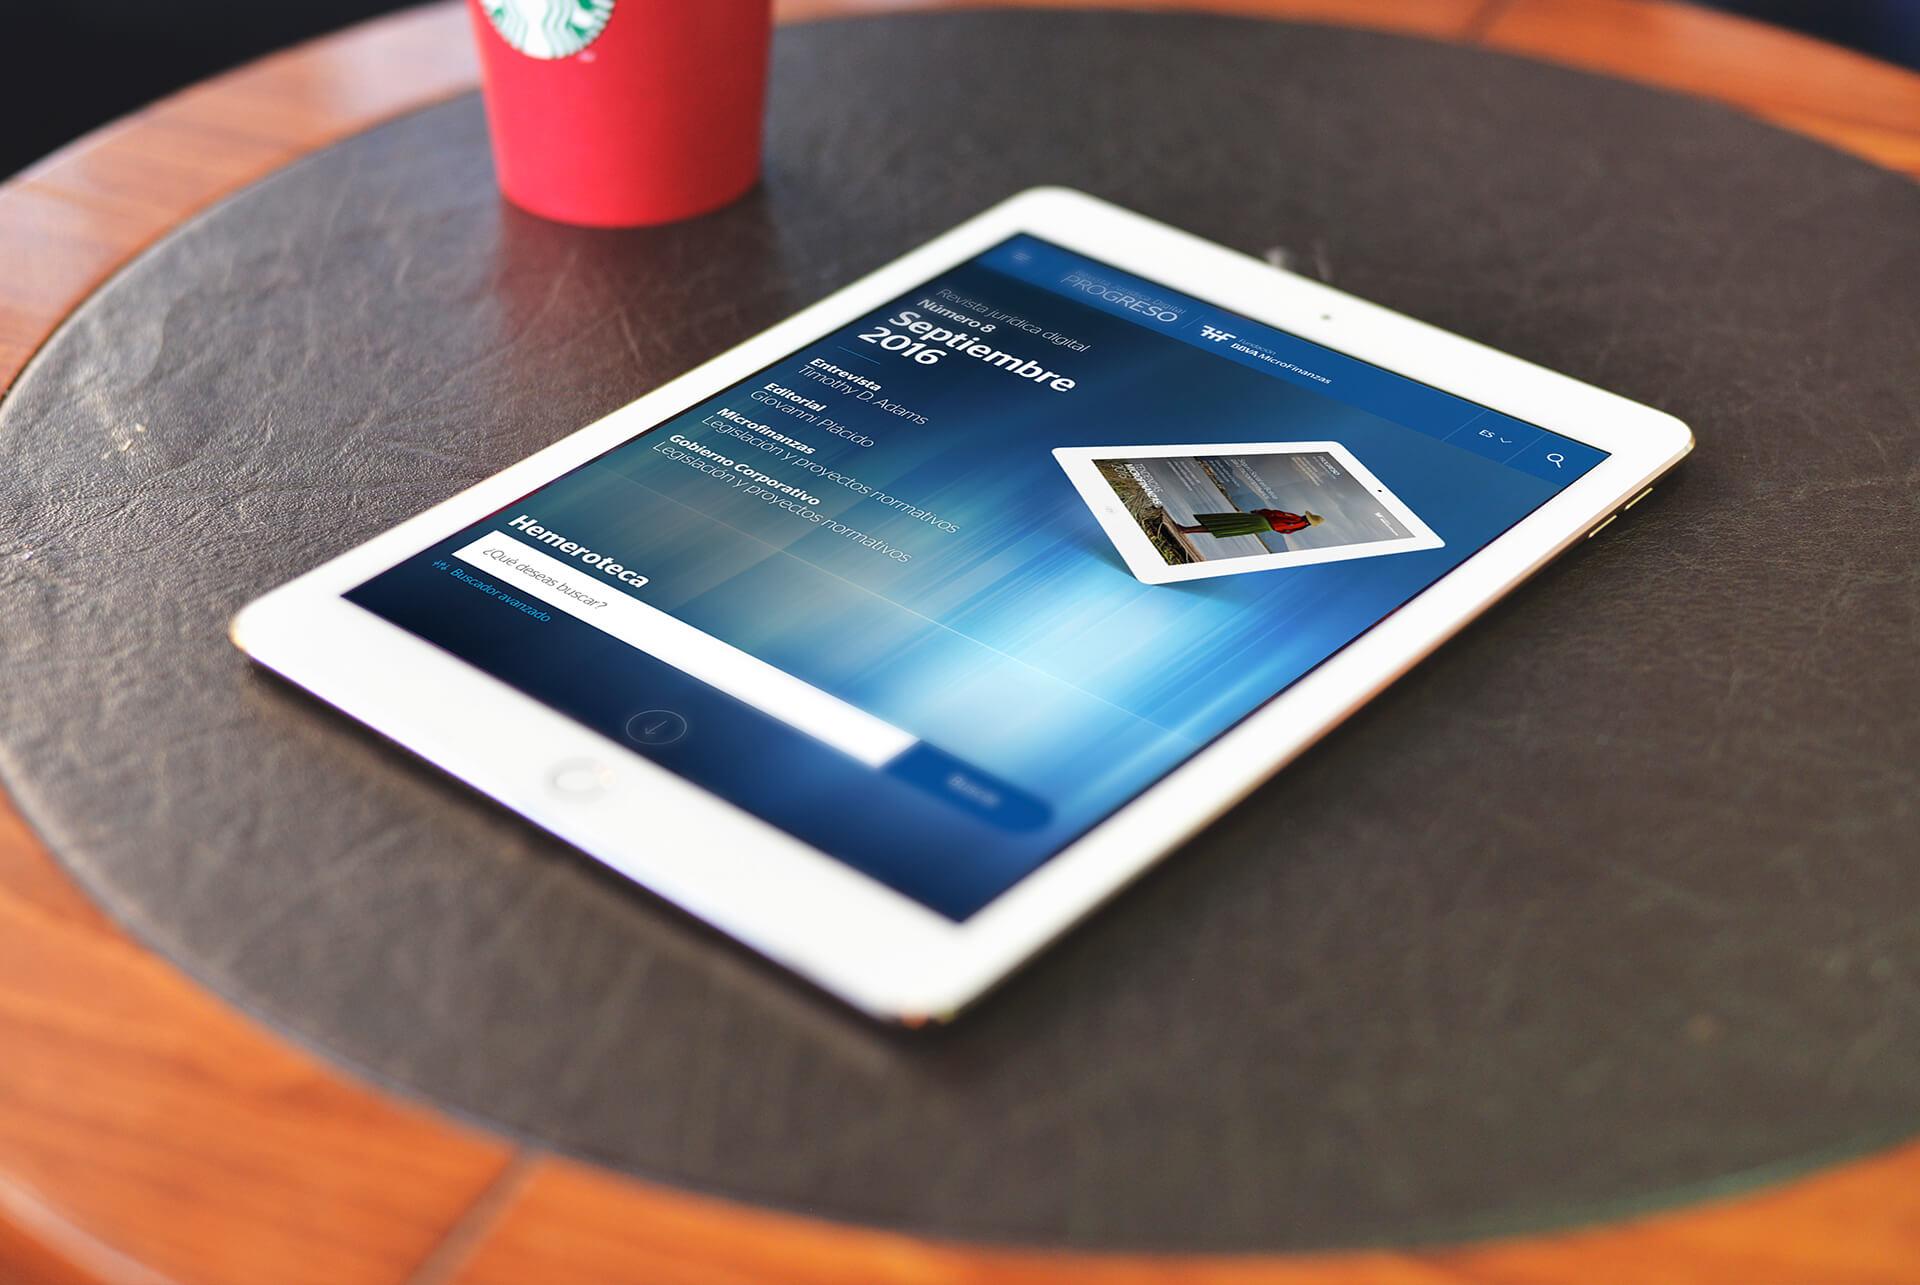 Ilustrativo sobre iPad. BBVA Microfinanzas (BBVAMF). Revista Progreso. Actualidad microfinanzas y gobierno corporativo